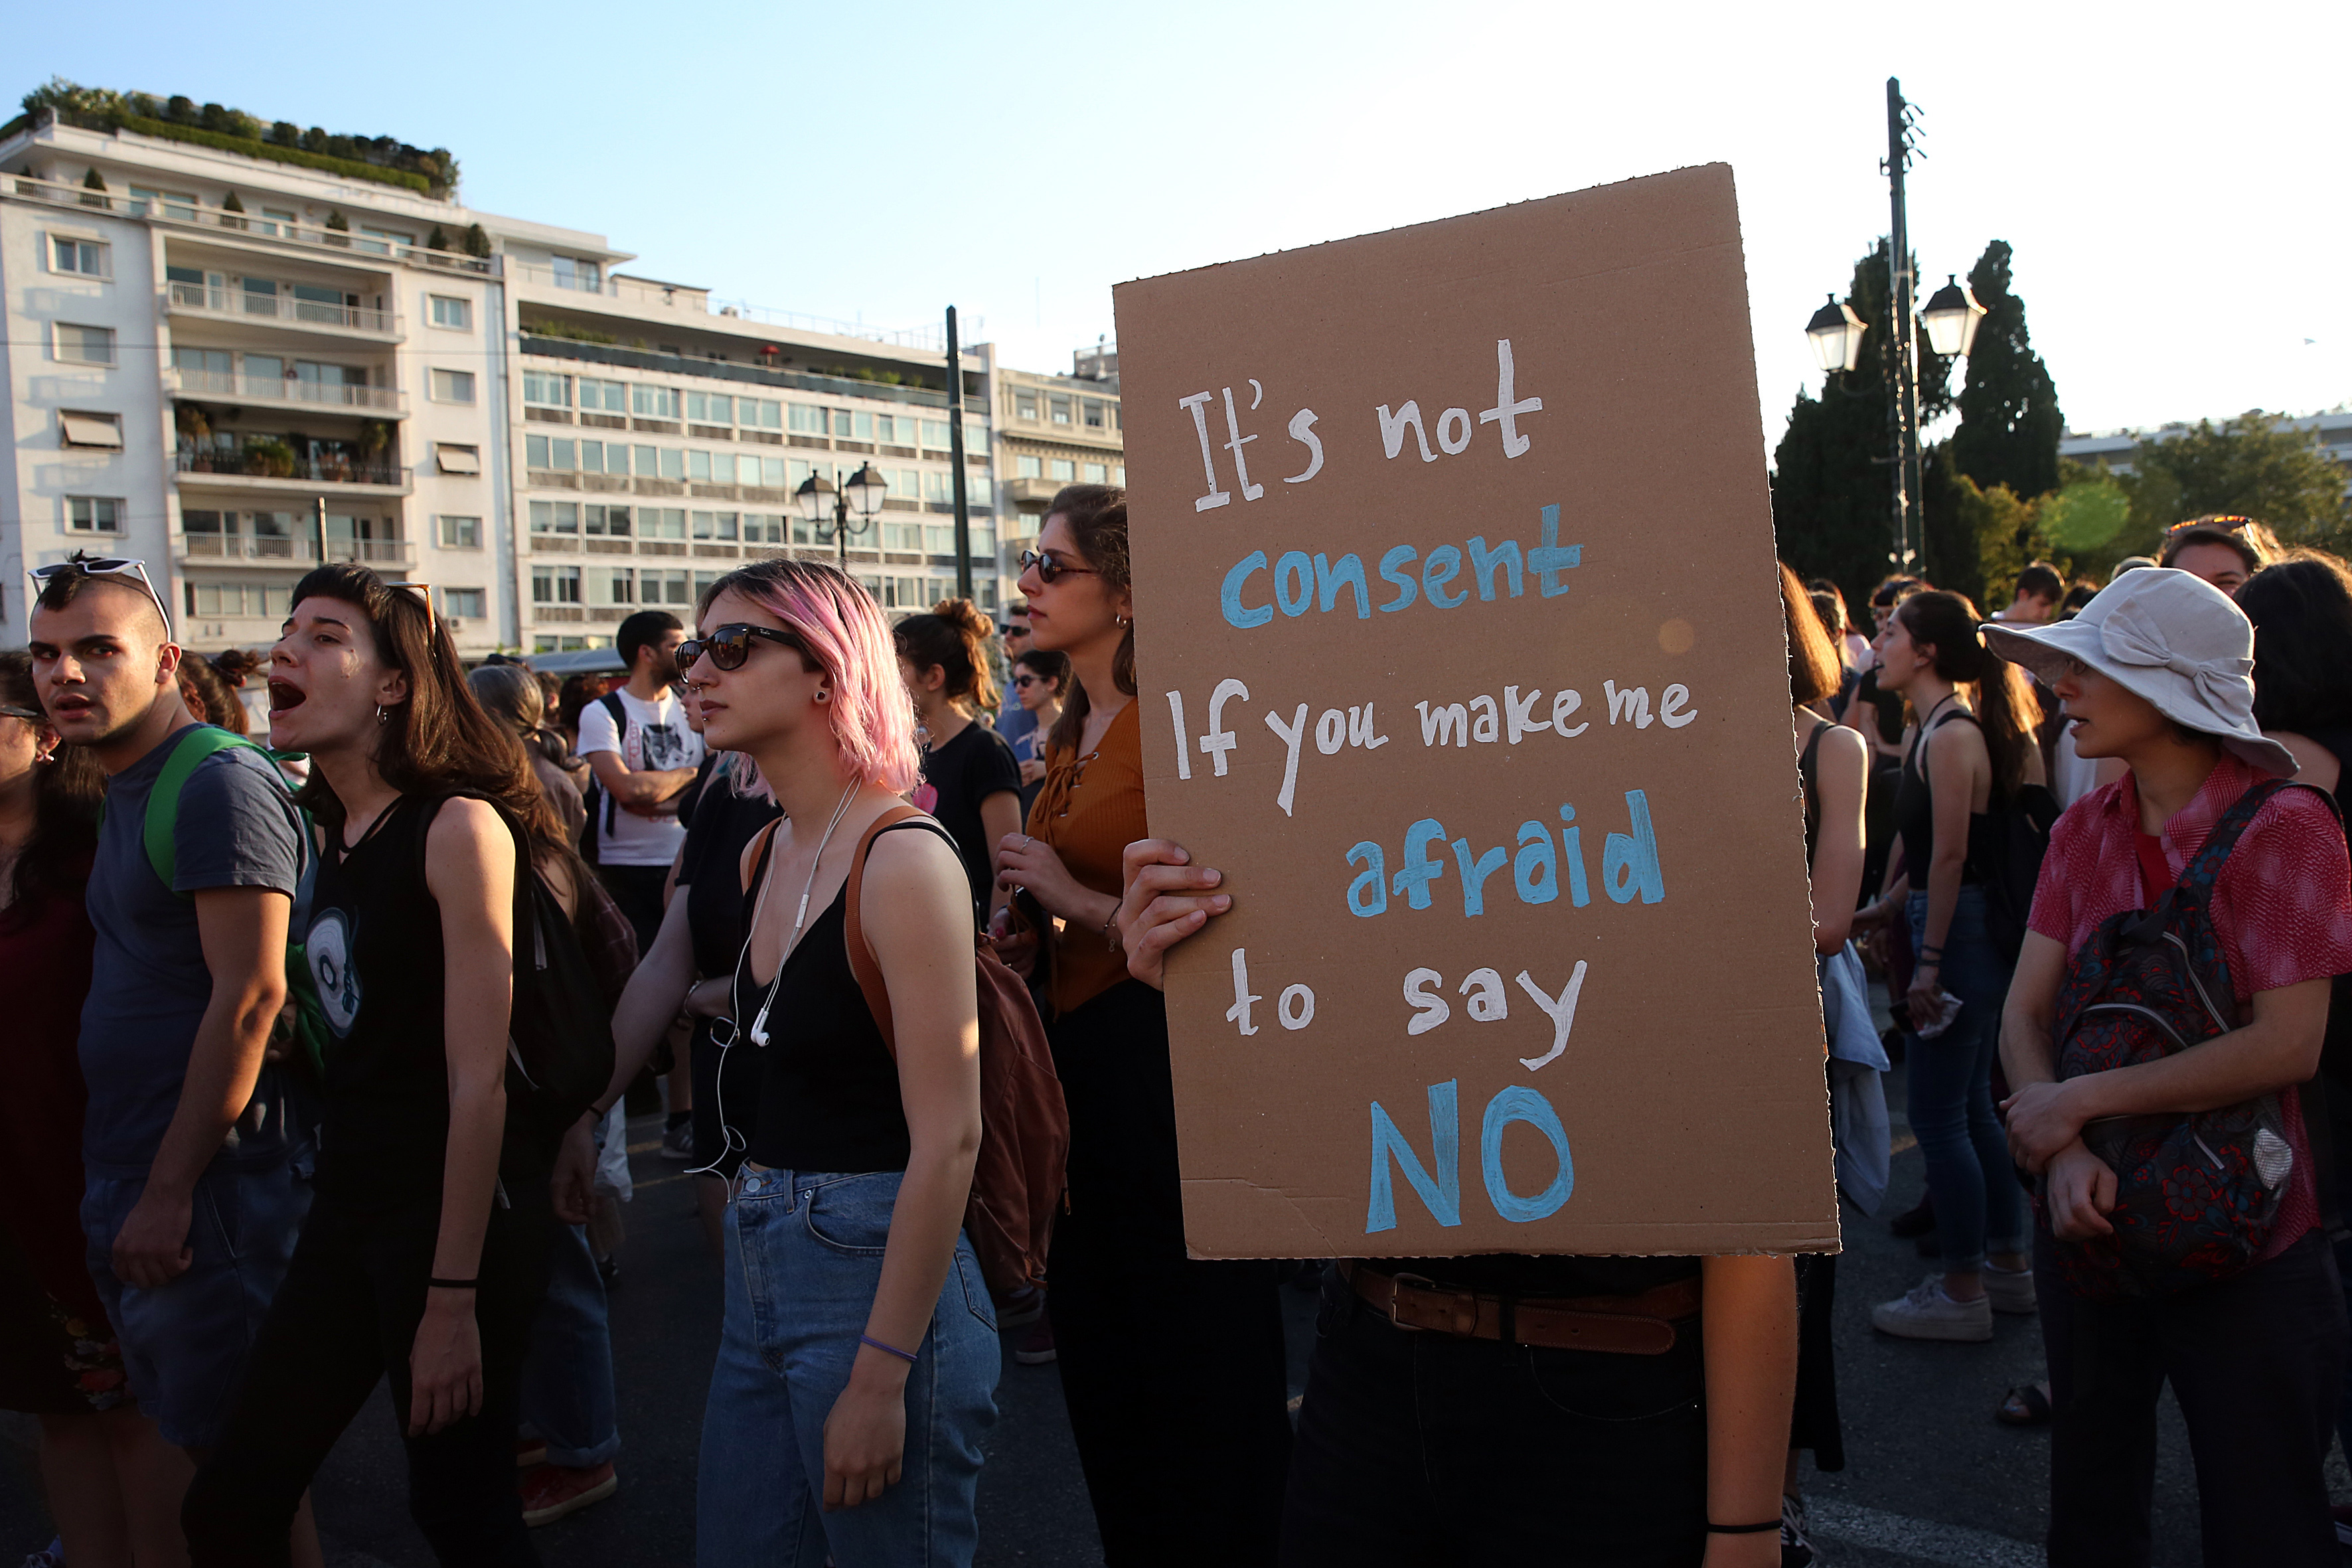 sygkentrosi-feministikon-organoseon-sto-syntagma-enantia-sto-arthro-336-toy-neoy-poinikoy-kodika3